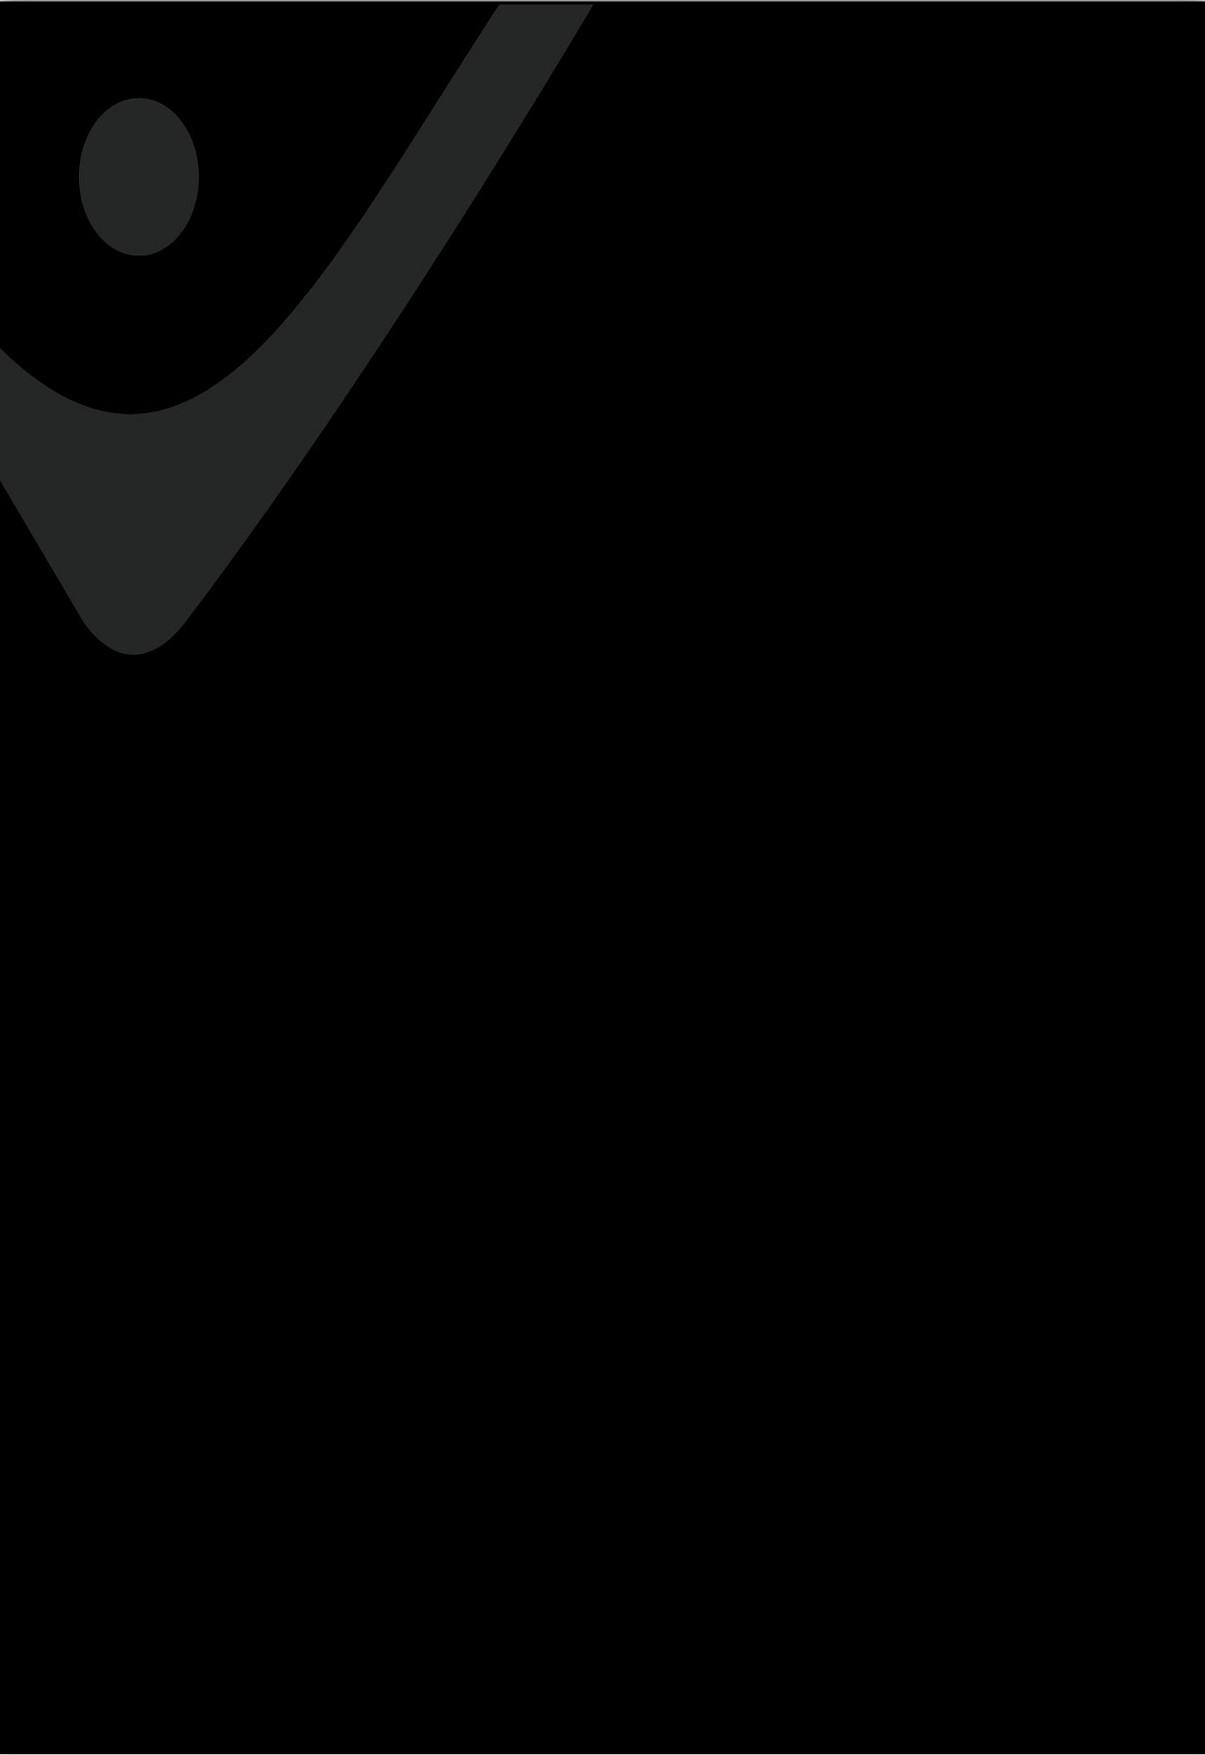 fondo-negro-home.jpg